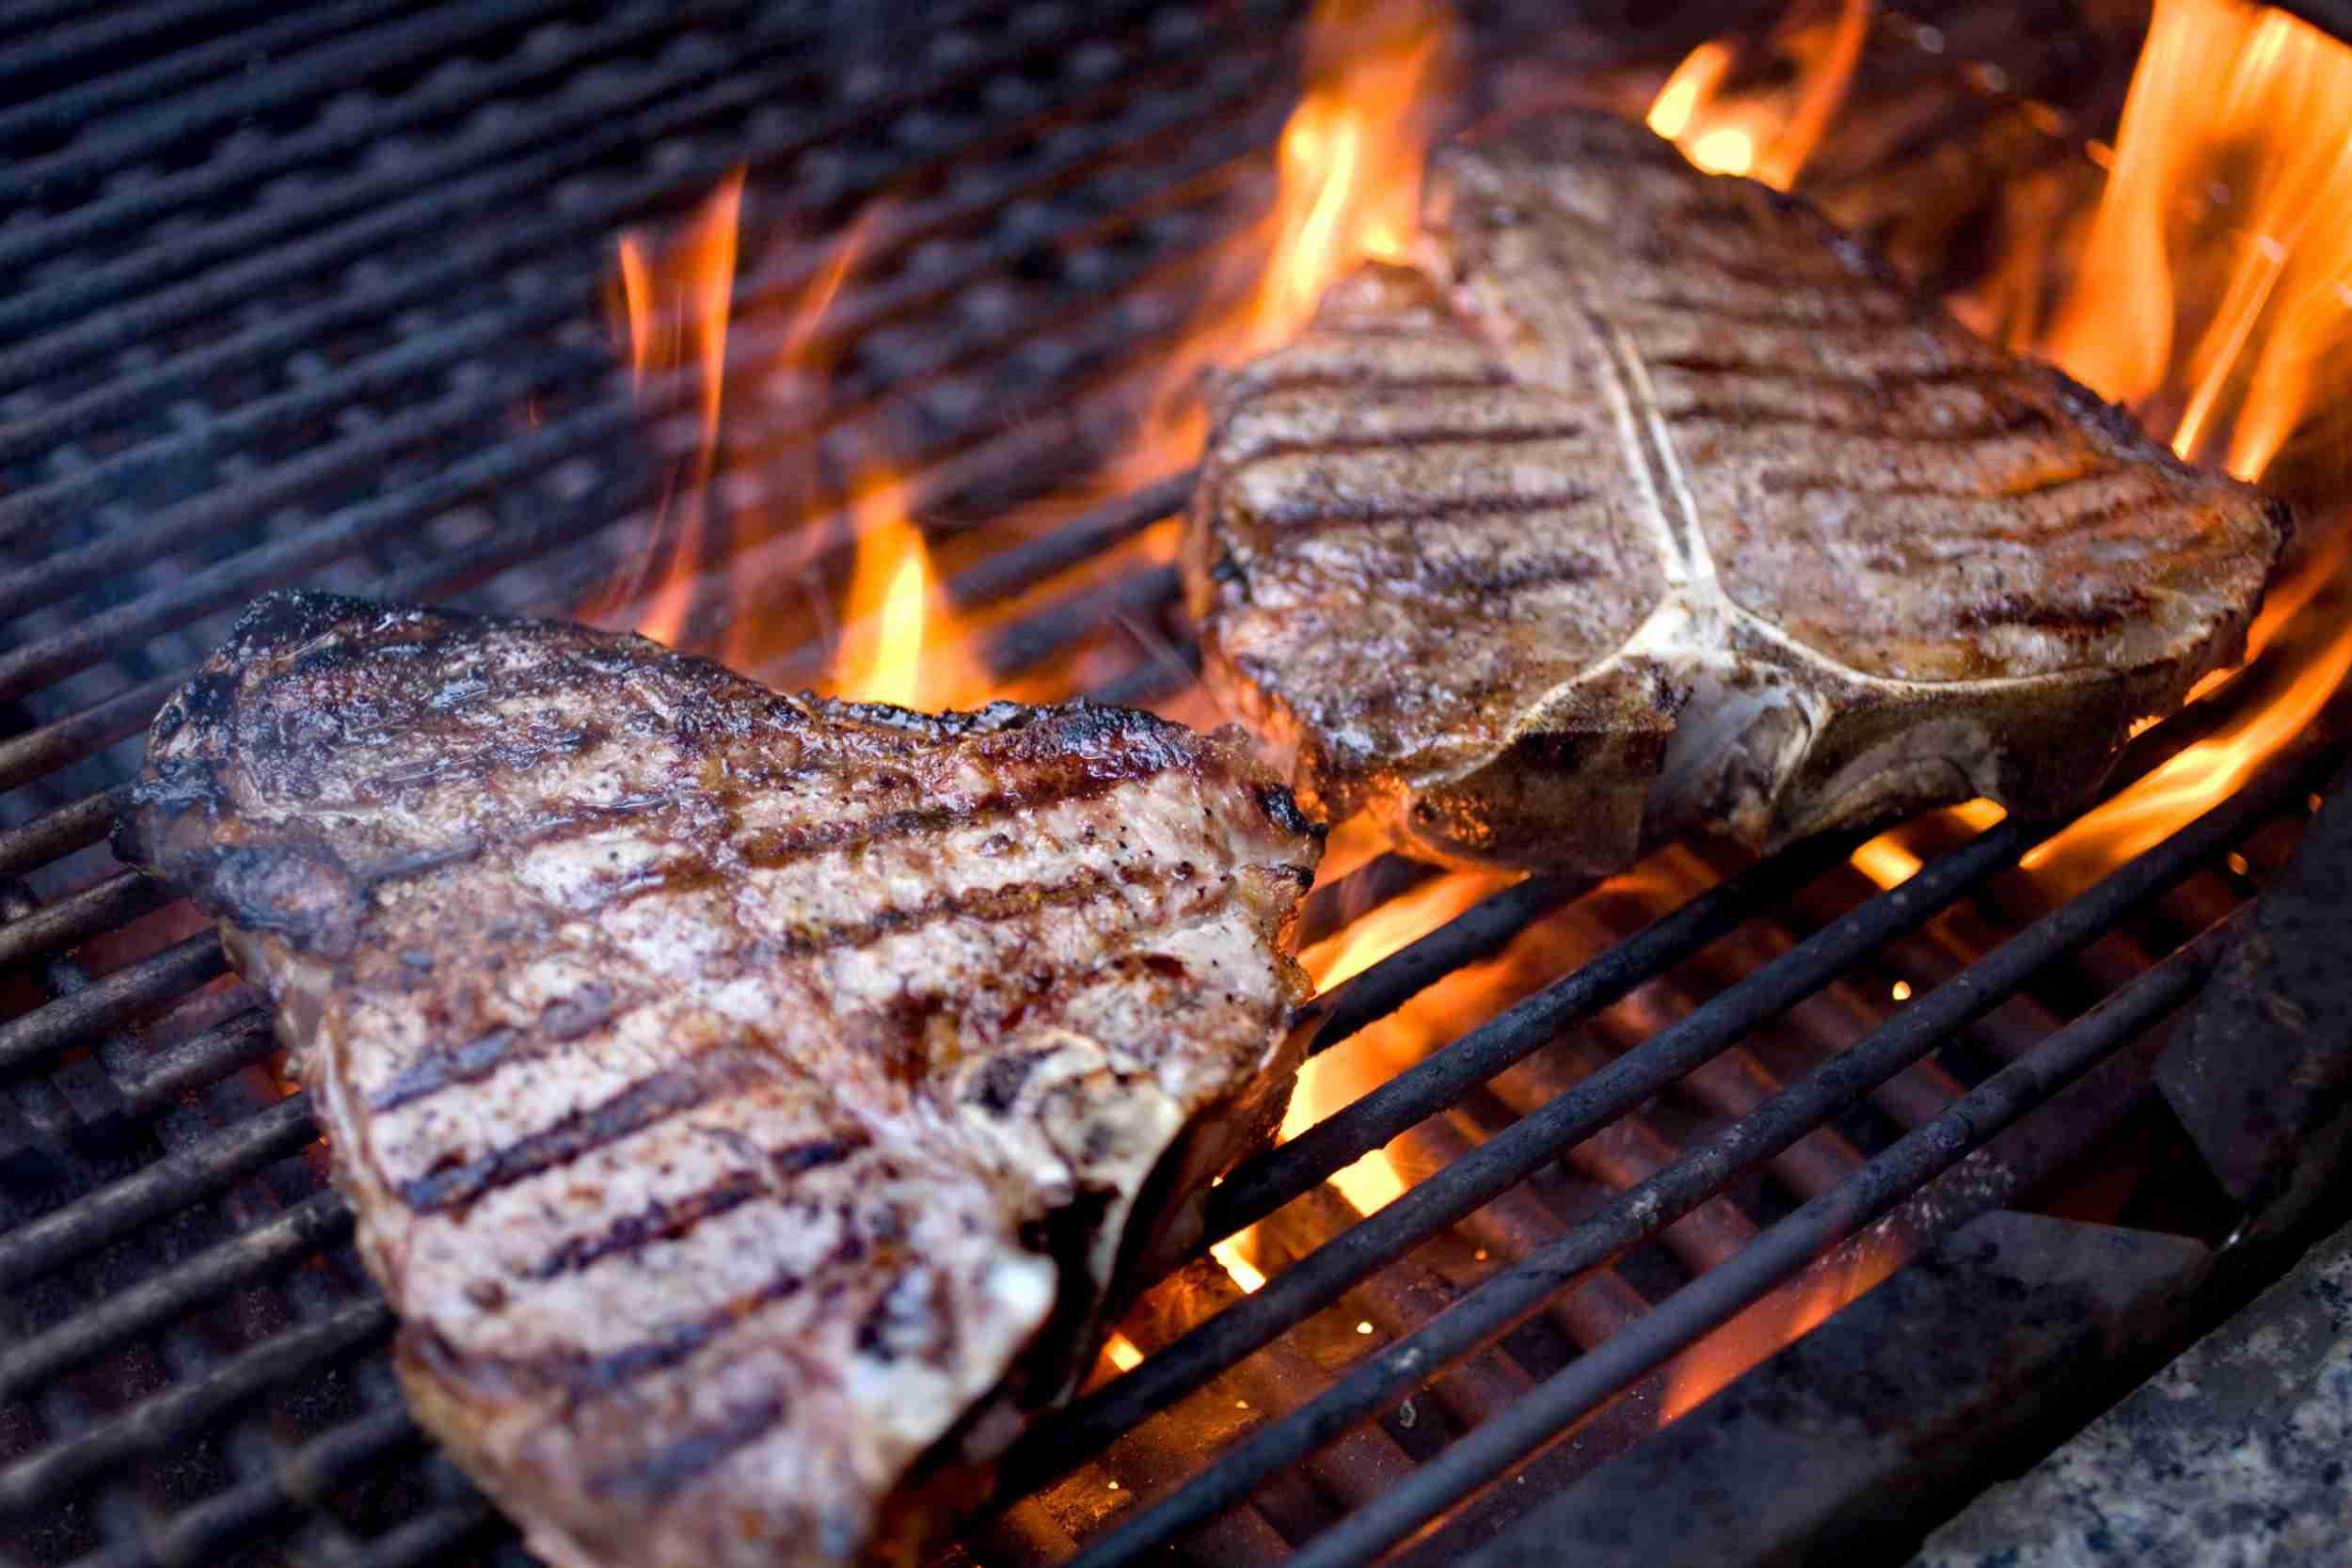 T-bone steaks on the grill.